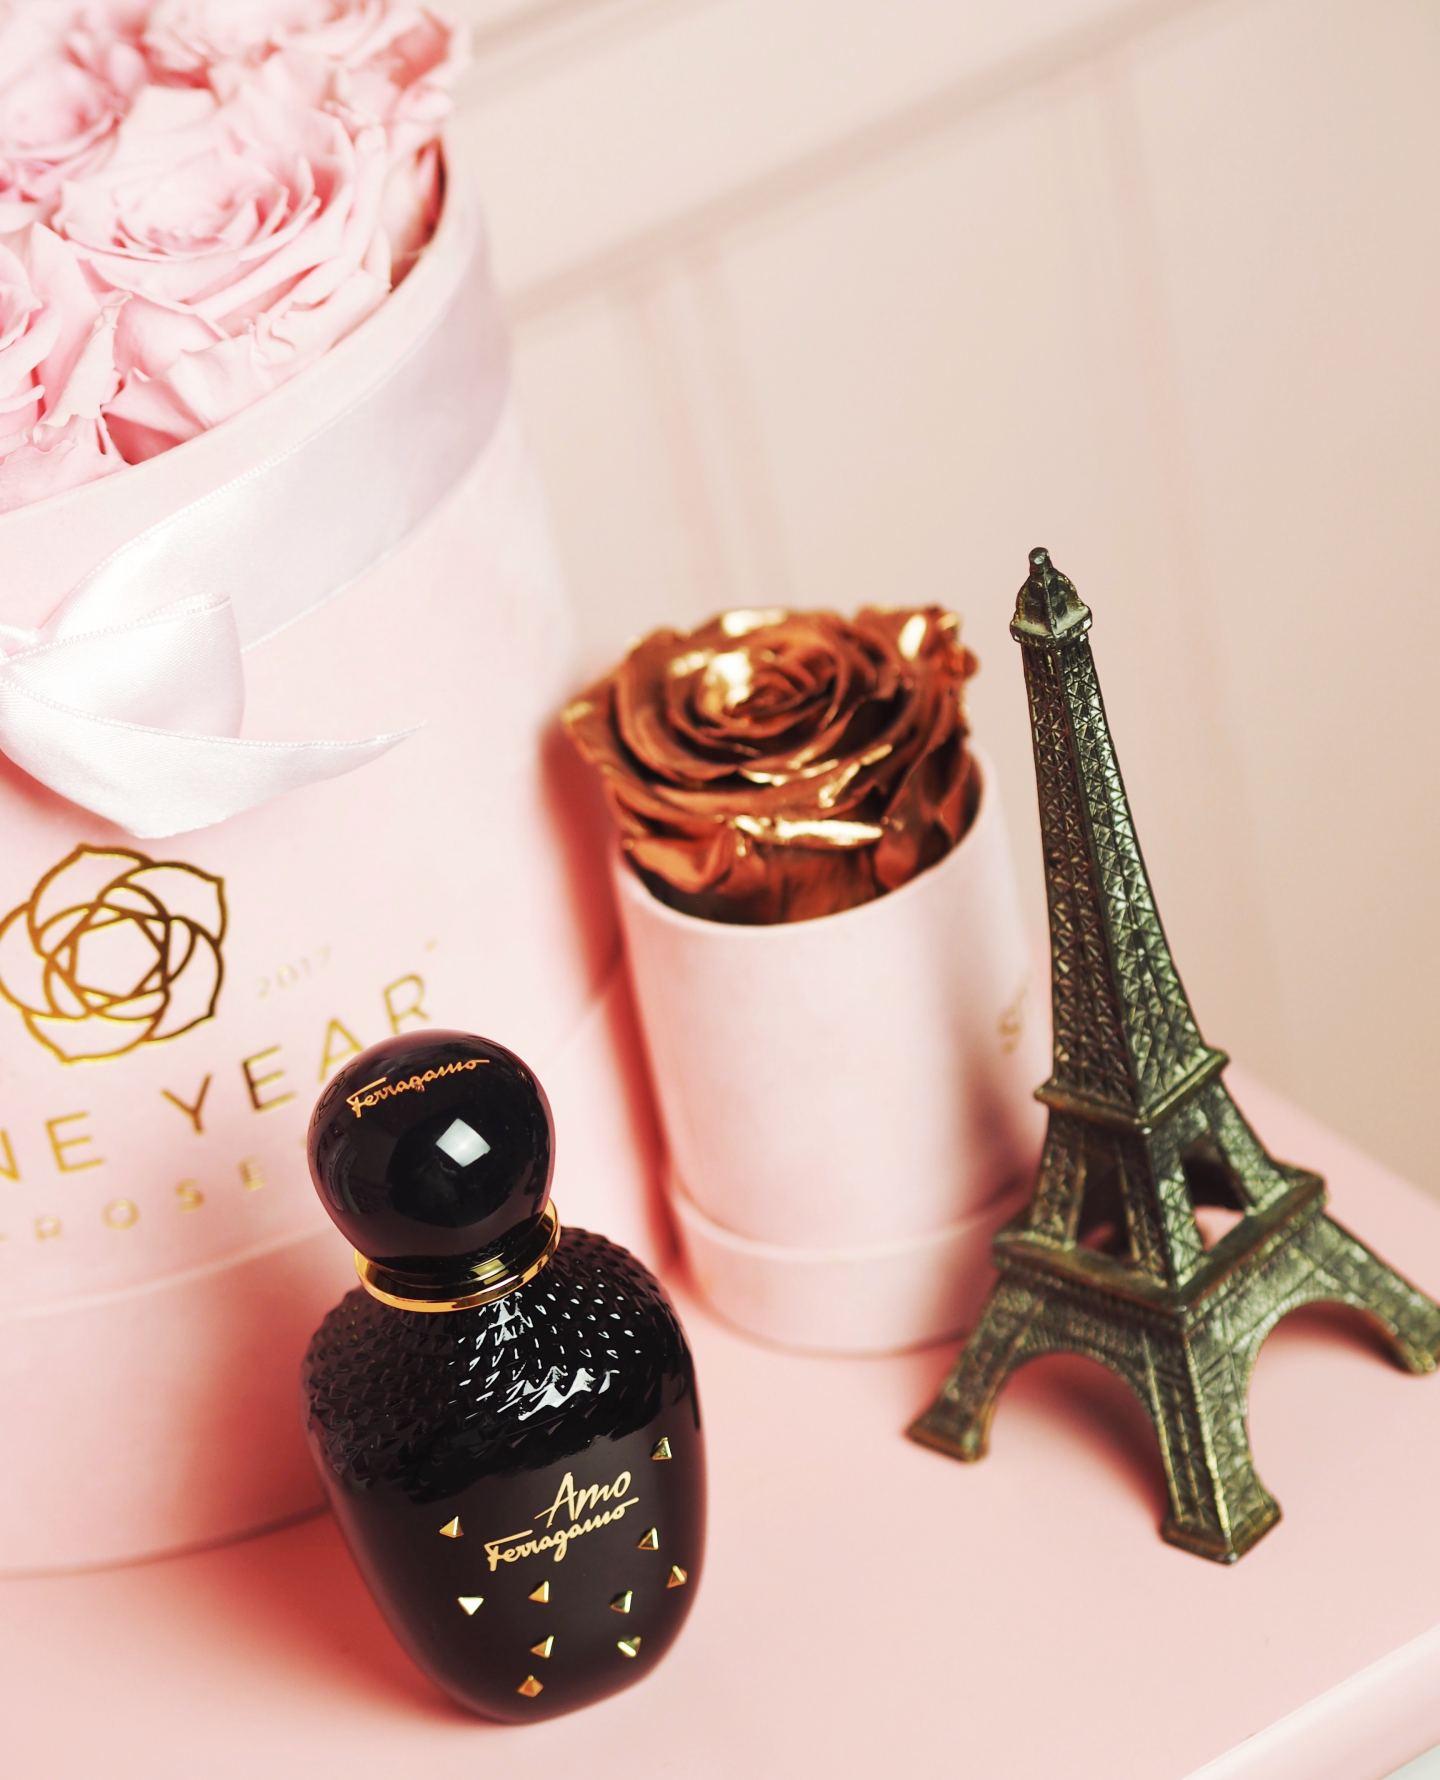 Ferragamo 'Amo' Limited Edition Perfume